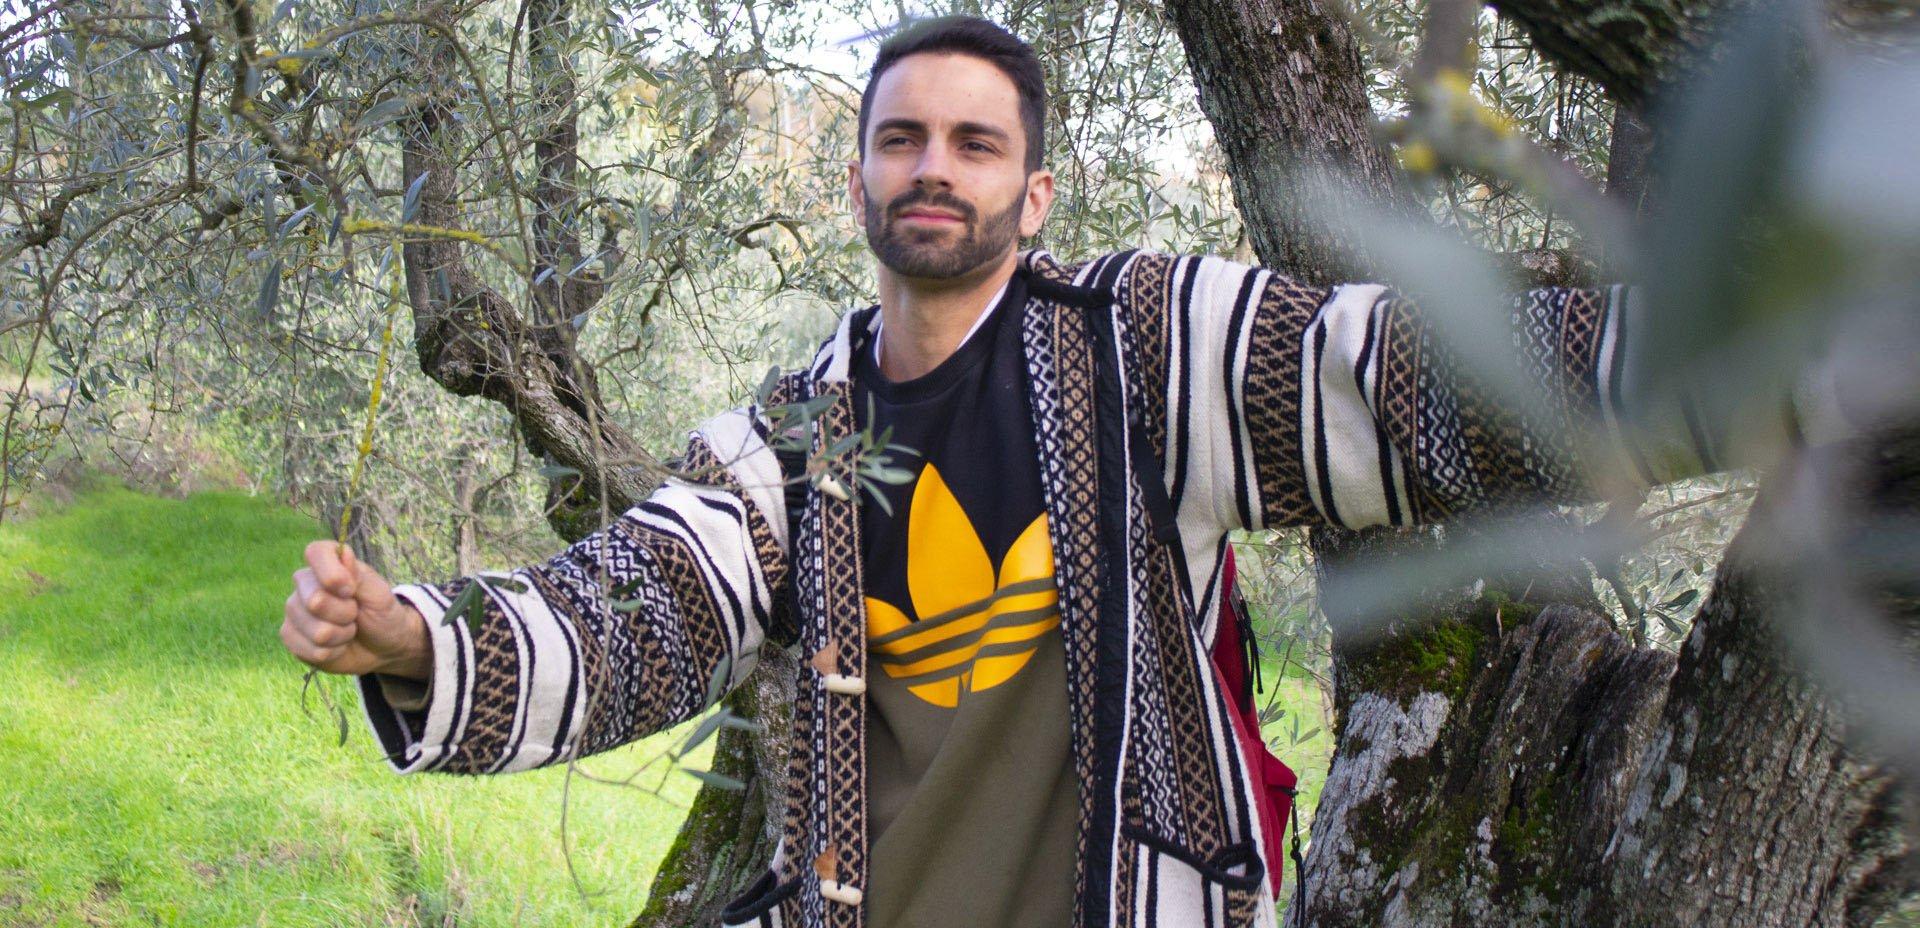 Paolo Baratella